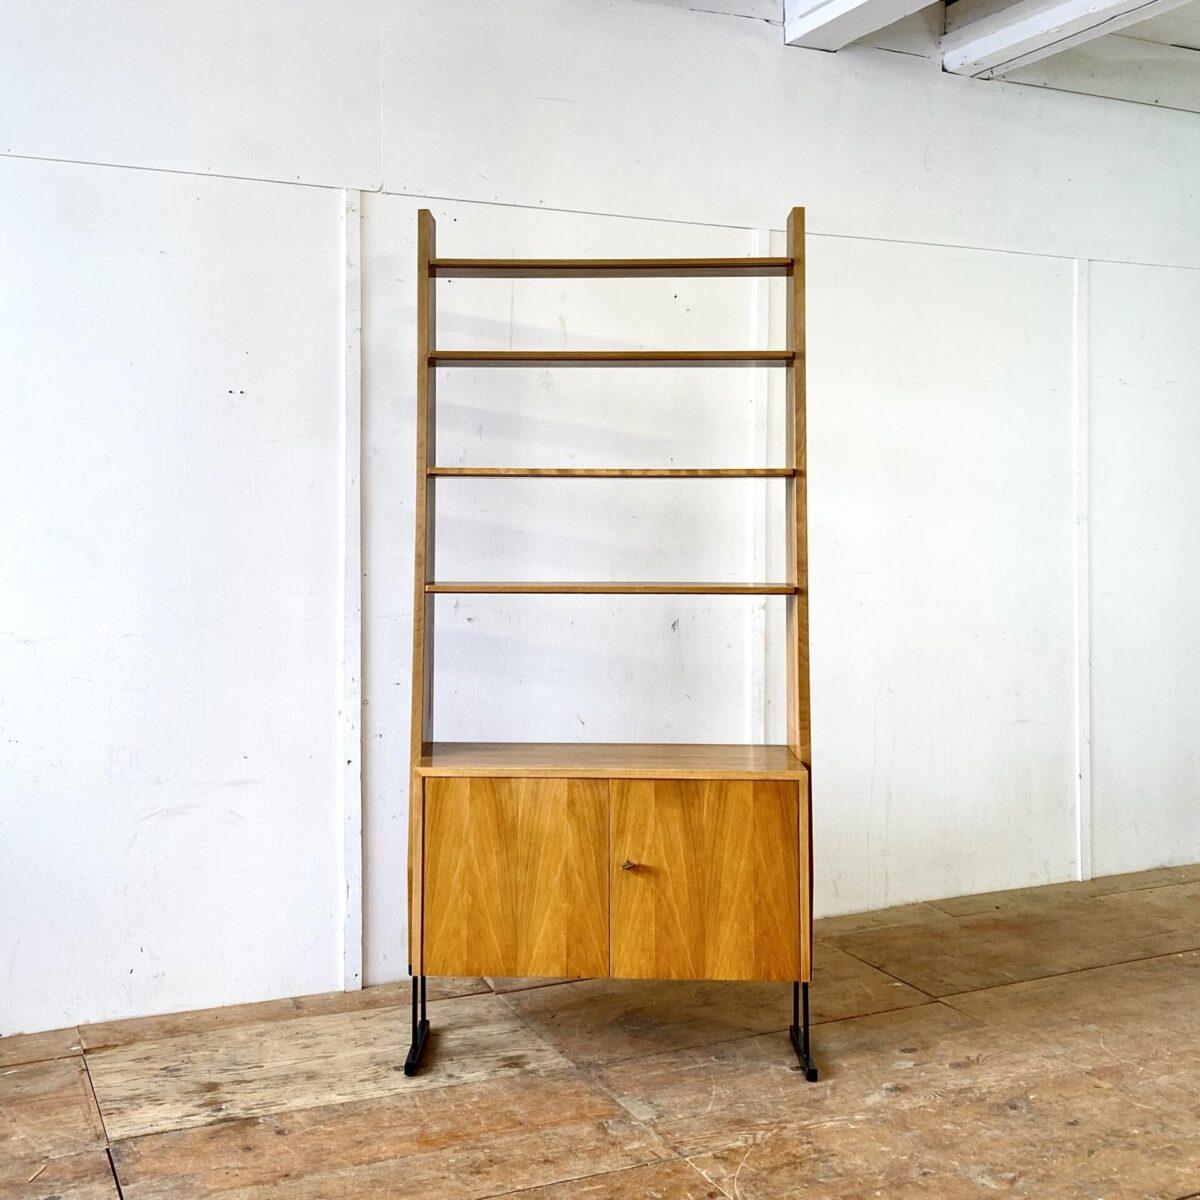 Bücherregal mit abschliessbaren Schrank. Preis pro Regal. 90x35cm Höhe 194cm. Die Möbel sind Nussbaum furniert und stehen auf schwarzen Metallfüssen, die Tablare sind höhenverstellbar.